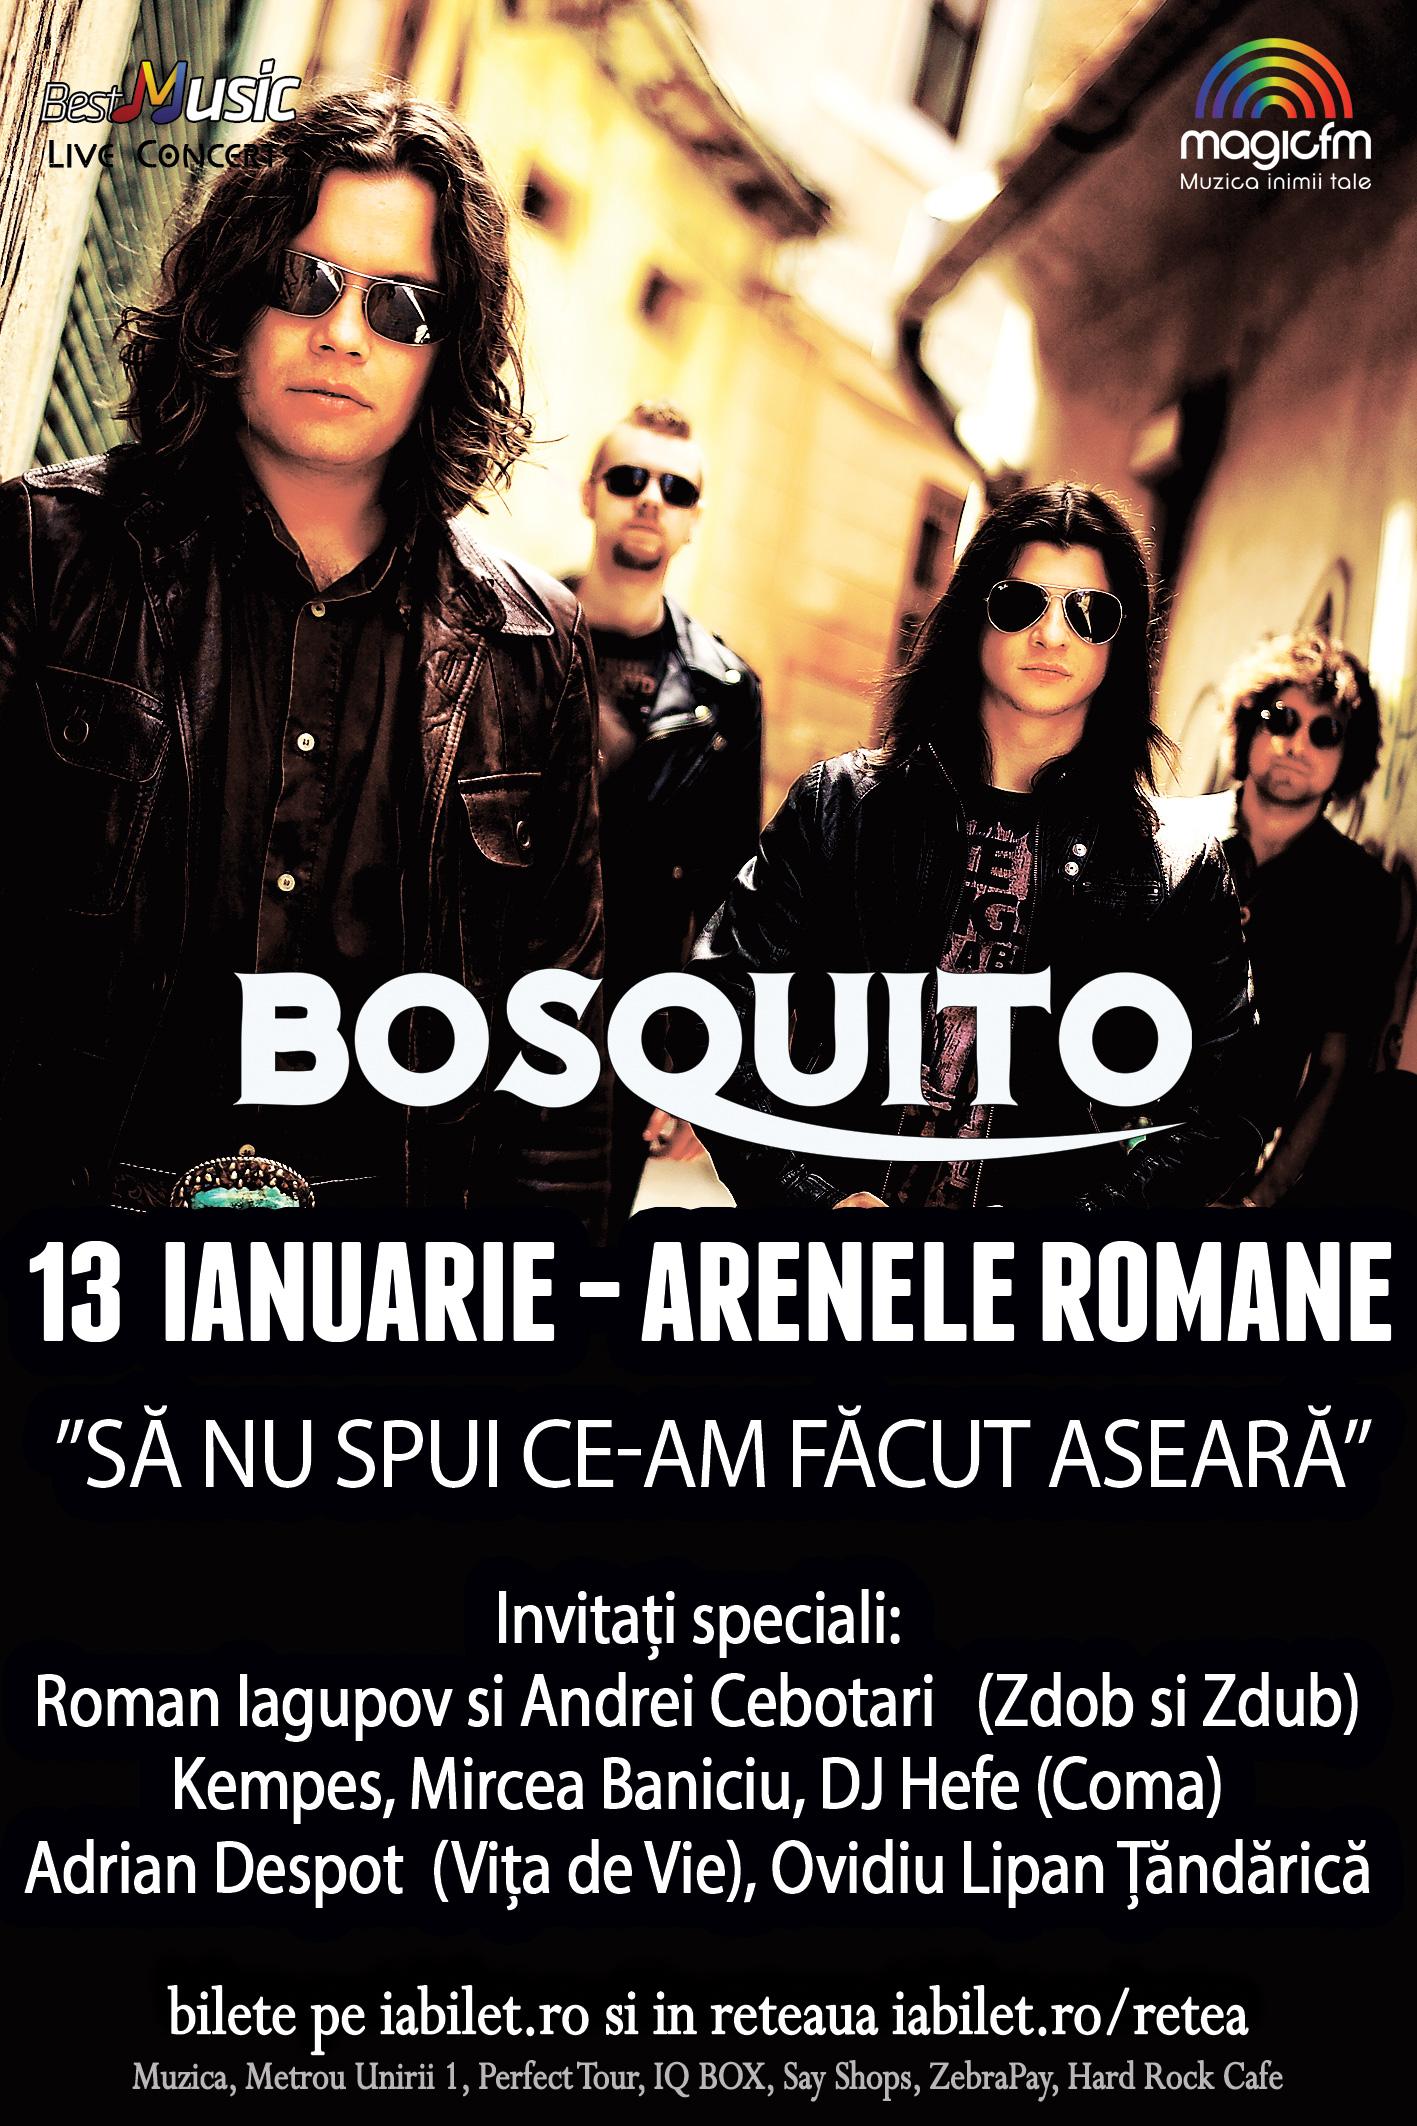 Bosquito